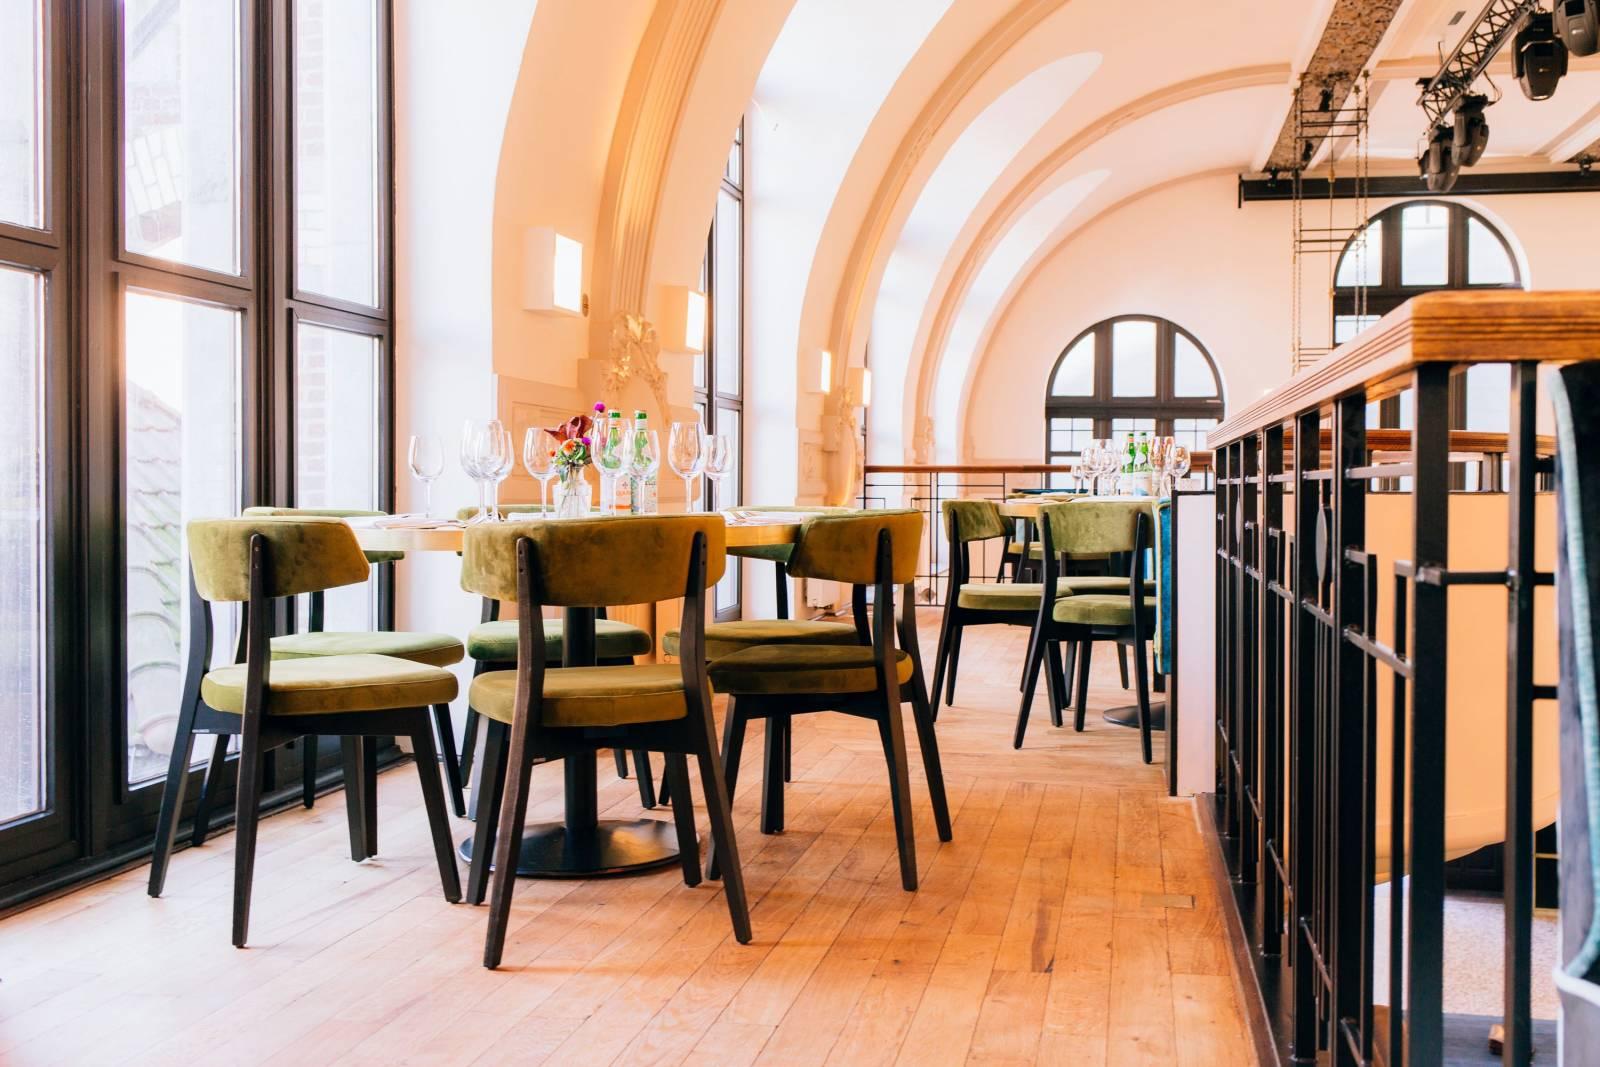 La Riva - Feestzaal Antwerpen - Trouwzaal - House of Weddings - 34